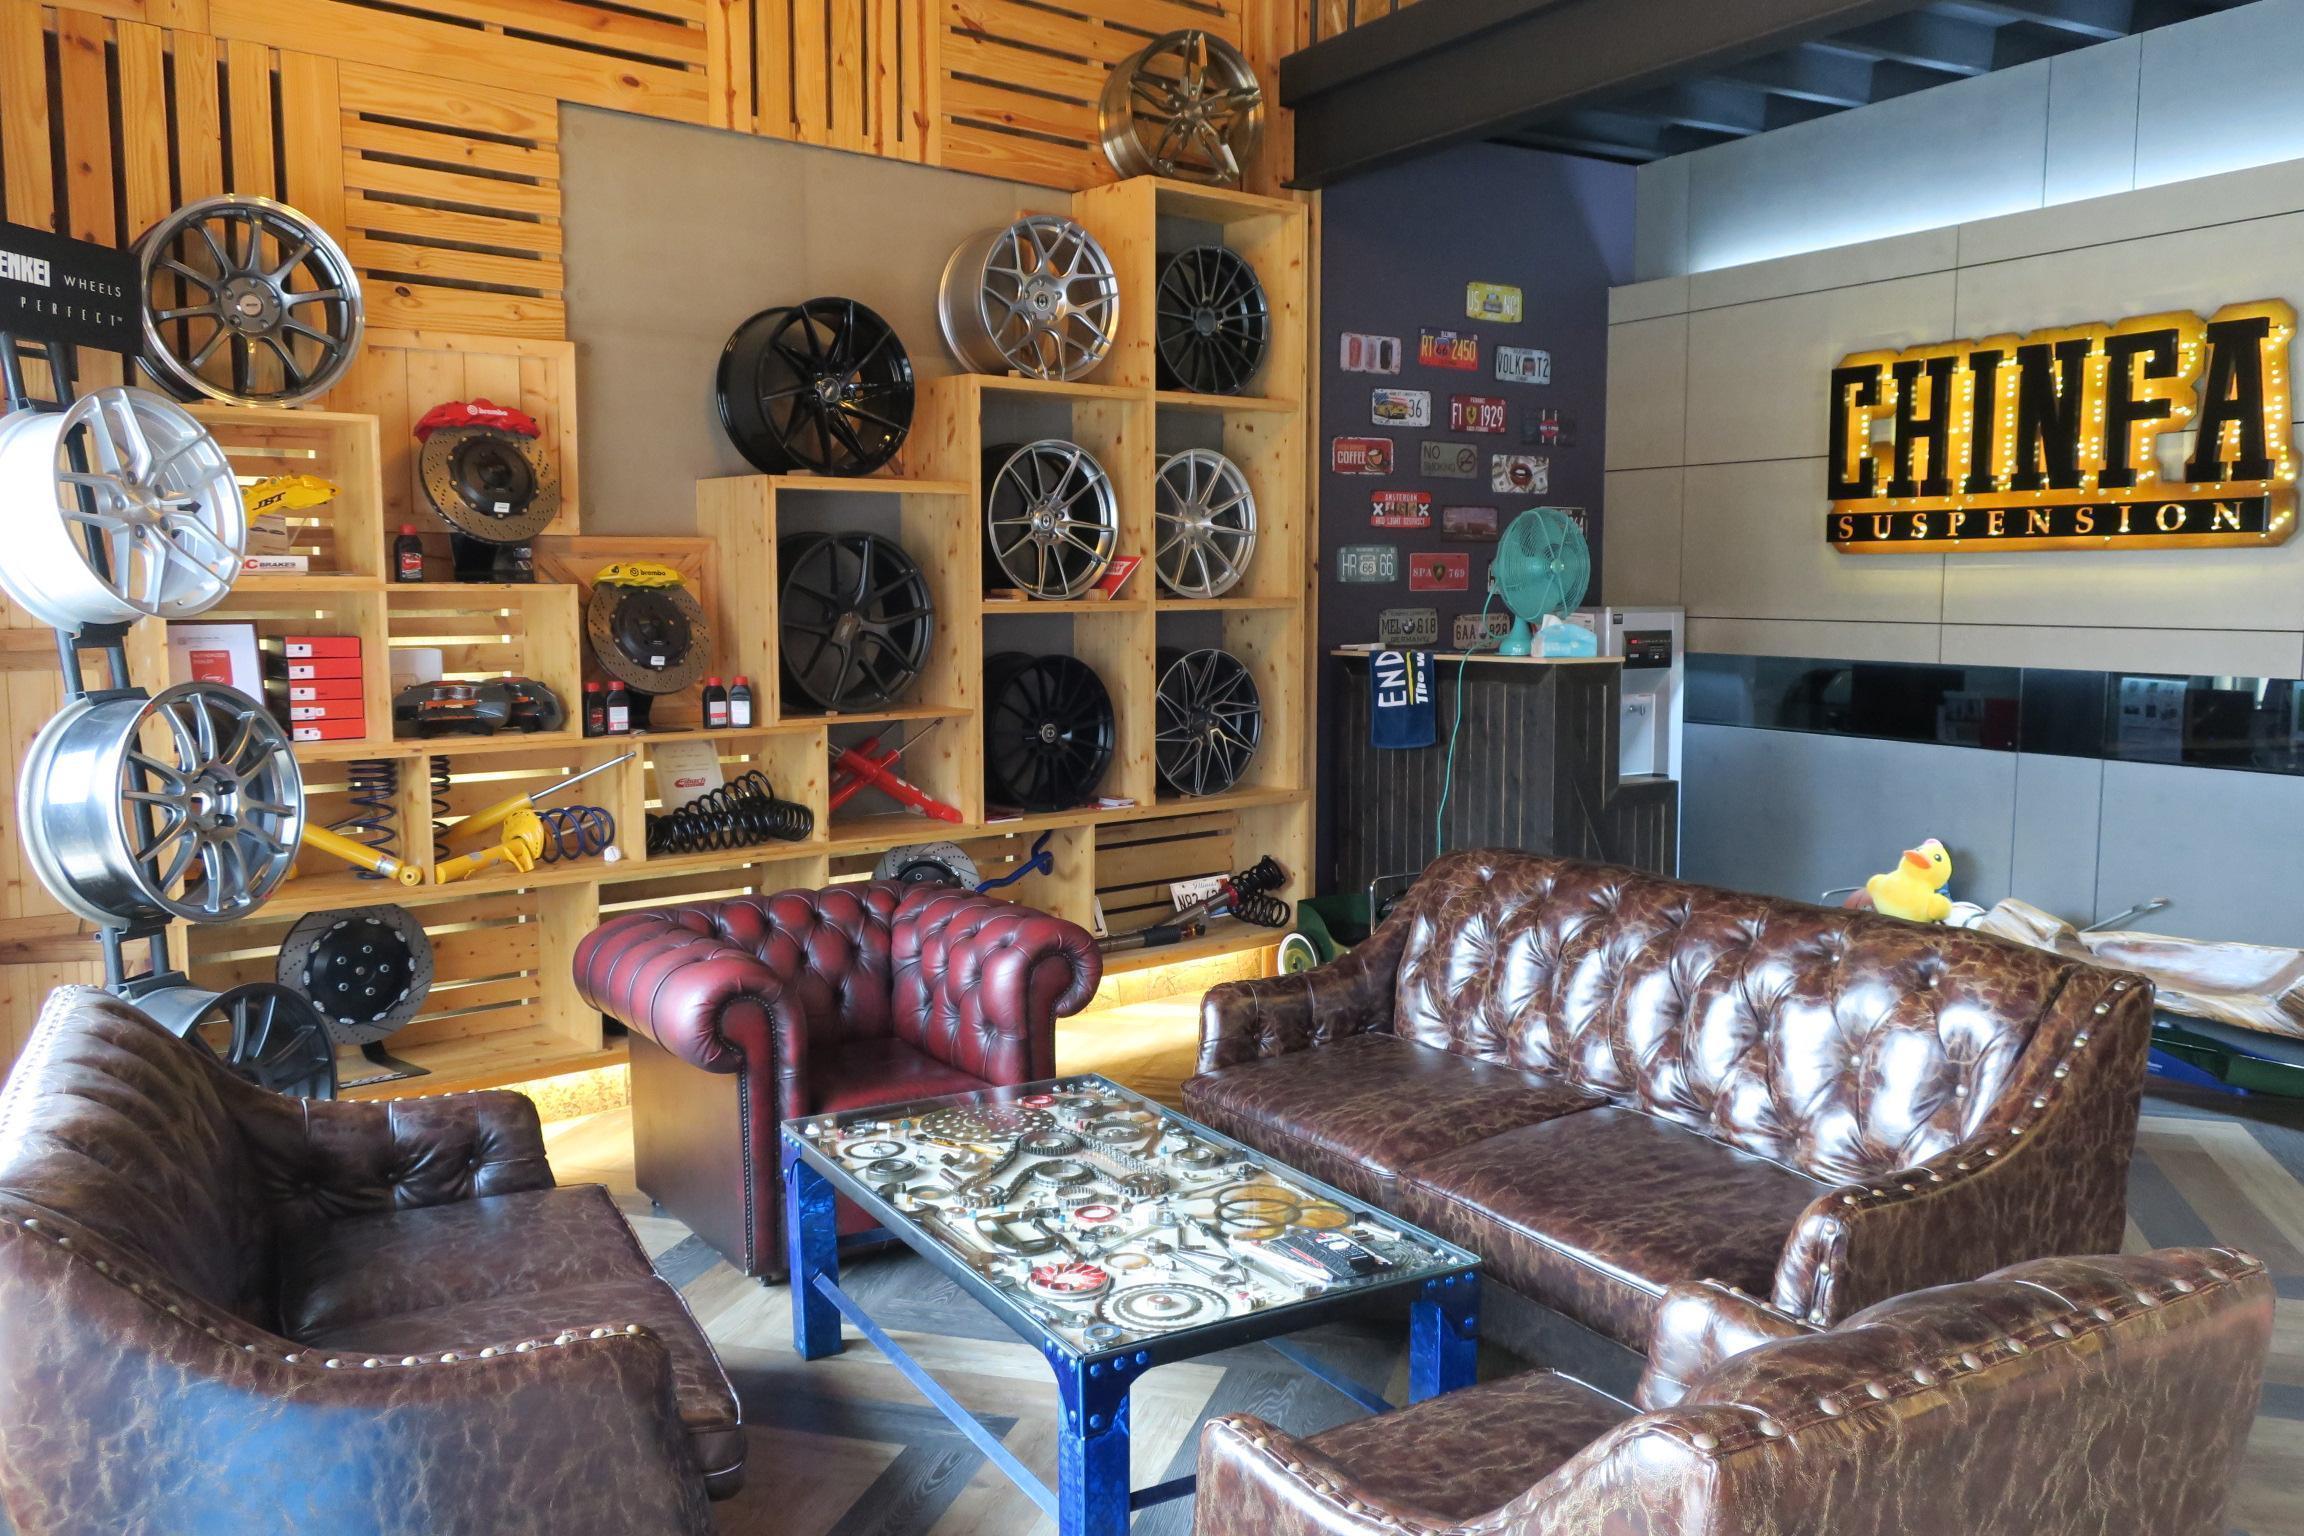 進發柏仕車業室內休息區,舒適與風格讓許多車主相當滿意,配上一杯熱咖啡就是一種享受。